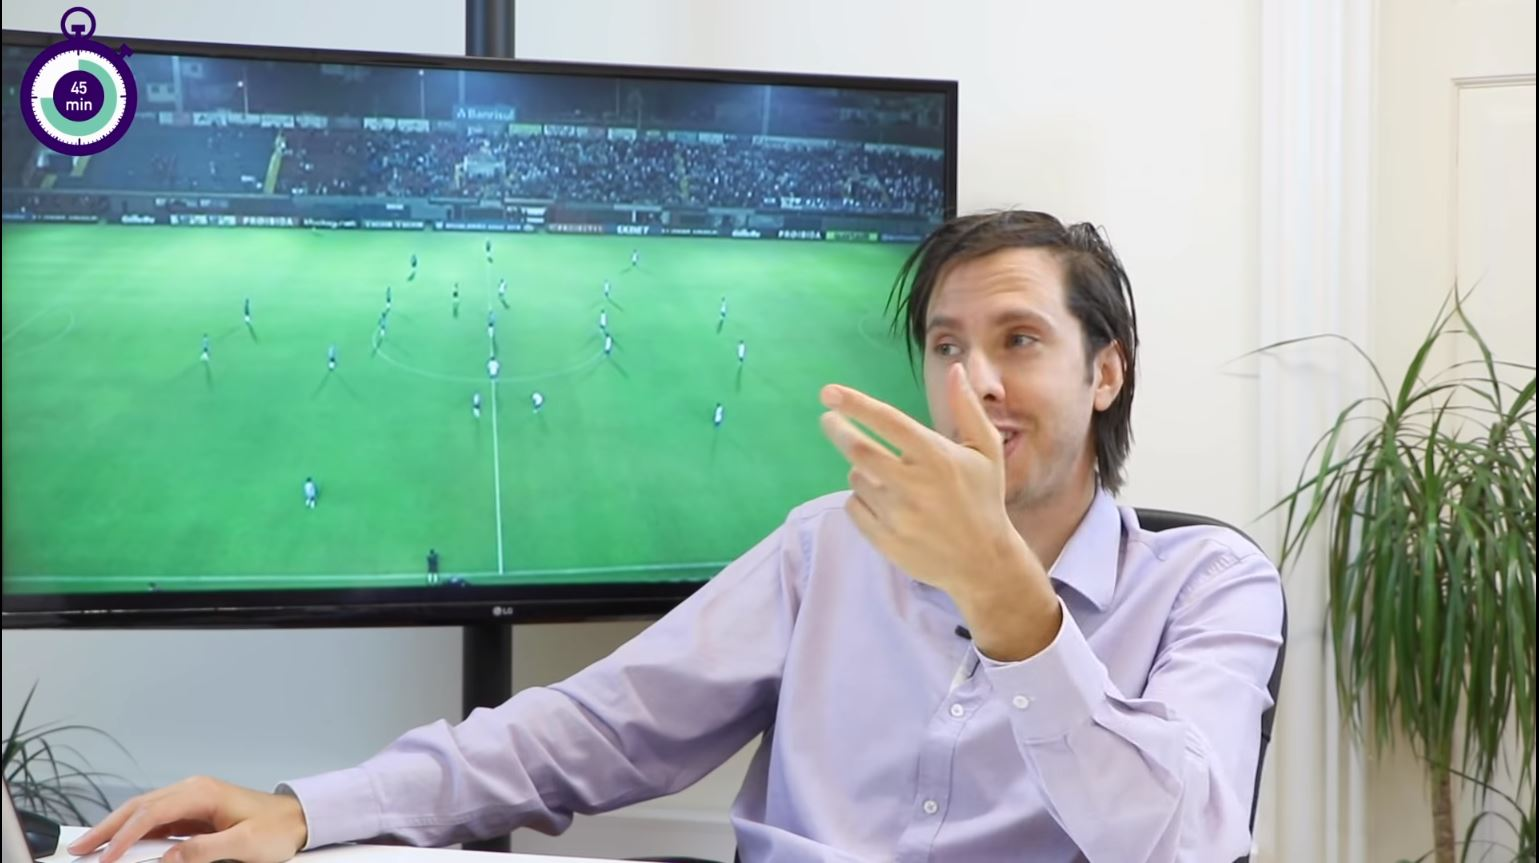 Início da segunda parte do Grêmio vs Fortaleza, jogo 0-0